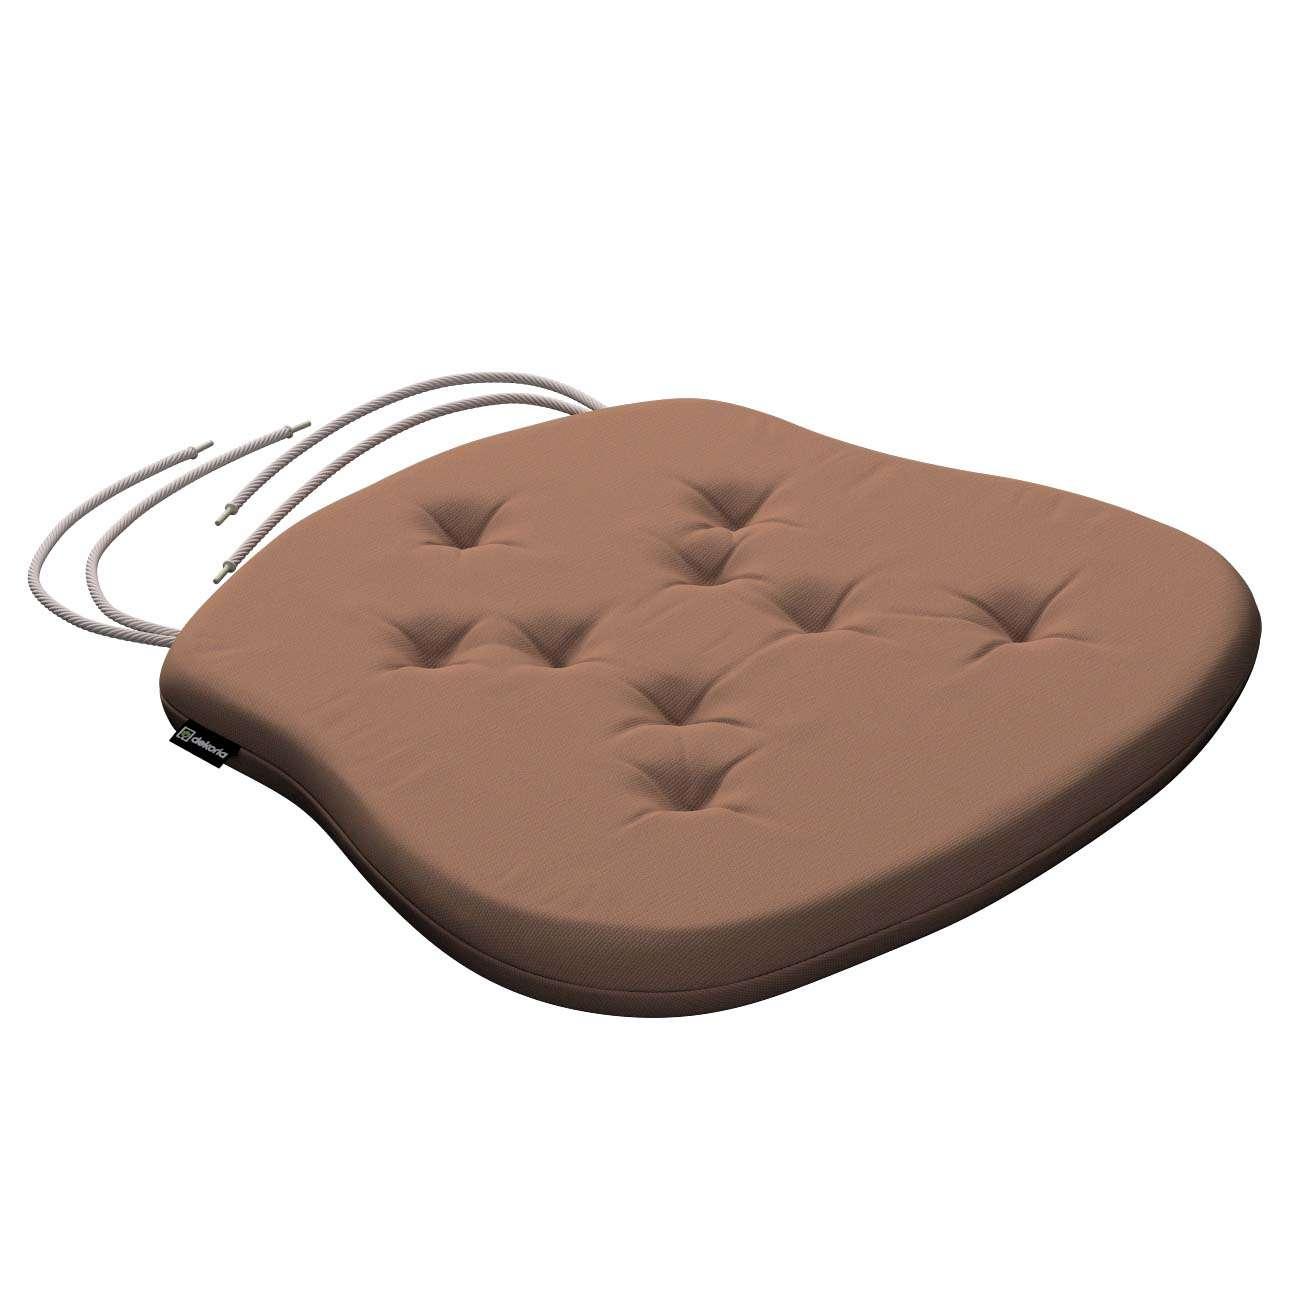 Siedzisko Filip na krzesło 41x38x3,5 cm w kolekcji Cotton Panama, tkanina: 702-02